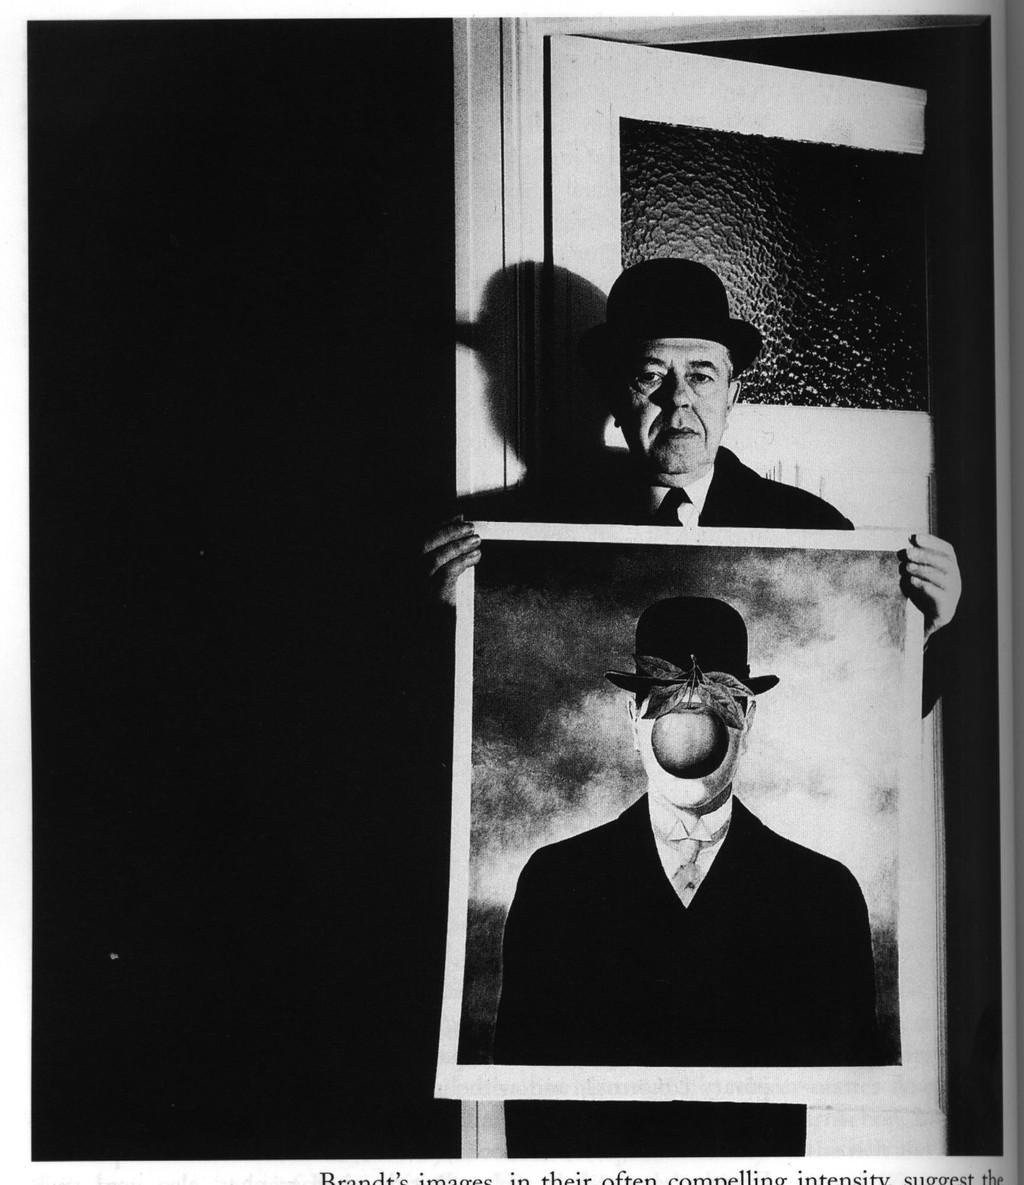 3分でわかるルネ マグリット 2 意外と苦労人 マグリットのパリ時代の作品 ノラの絵画の時間